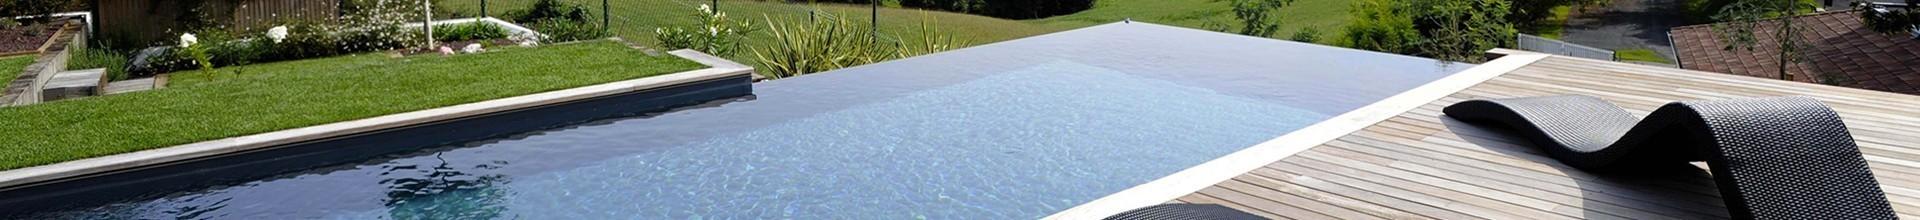 Direct usine, piscine coque prix Seine-Marne